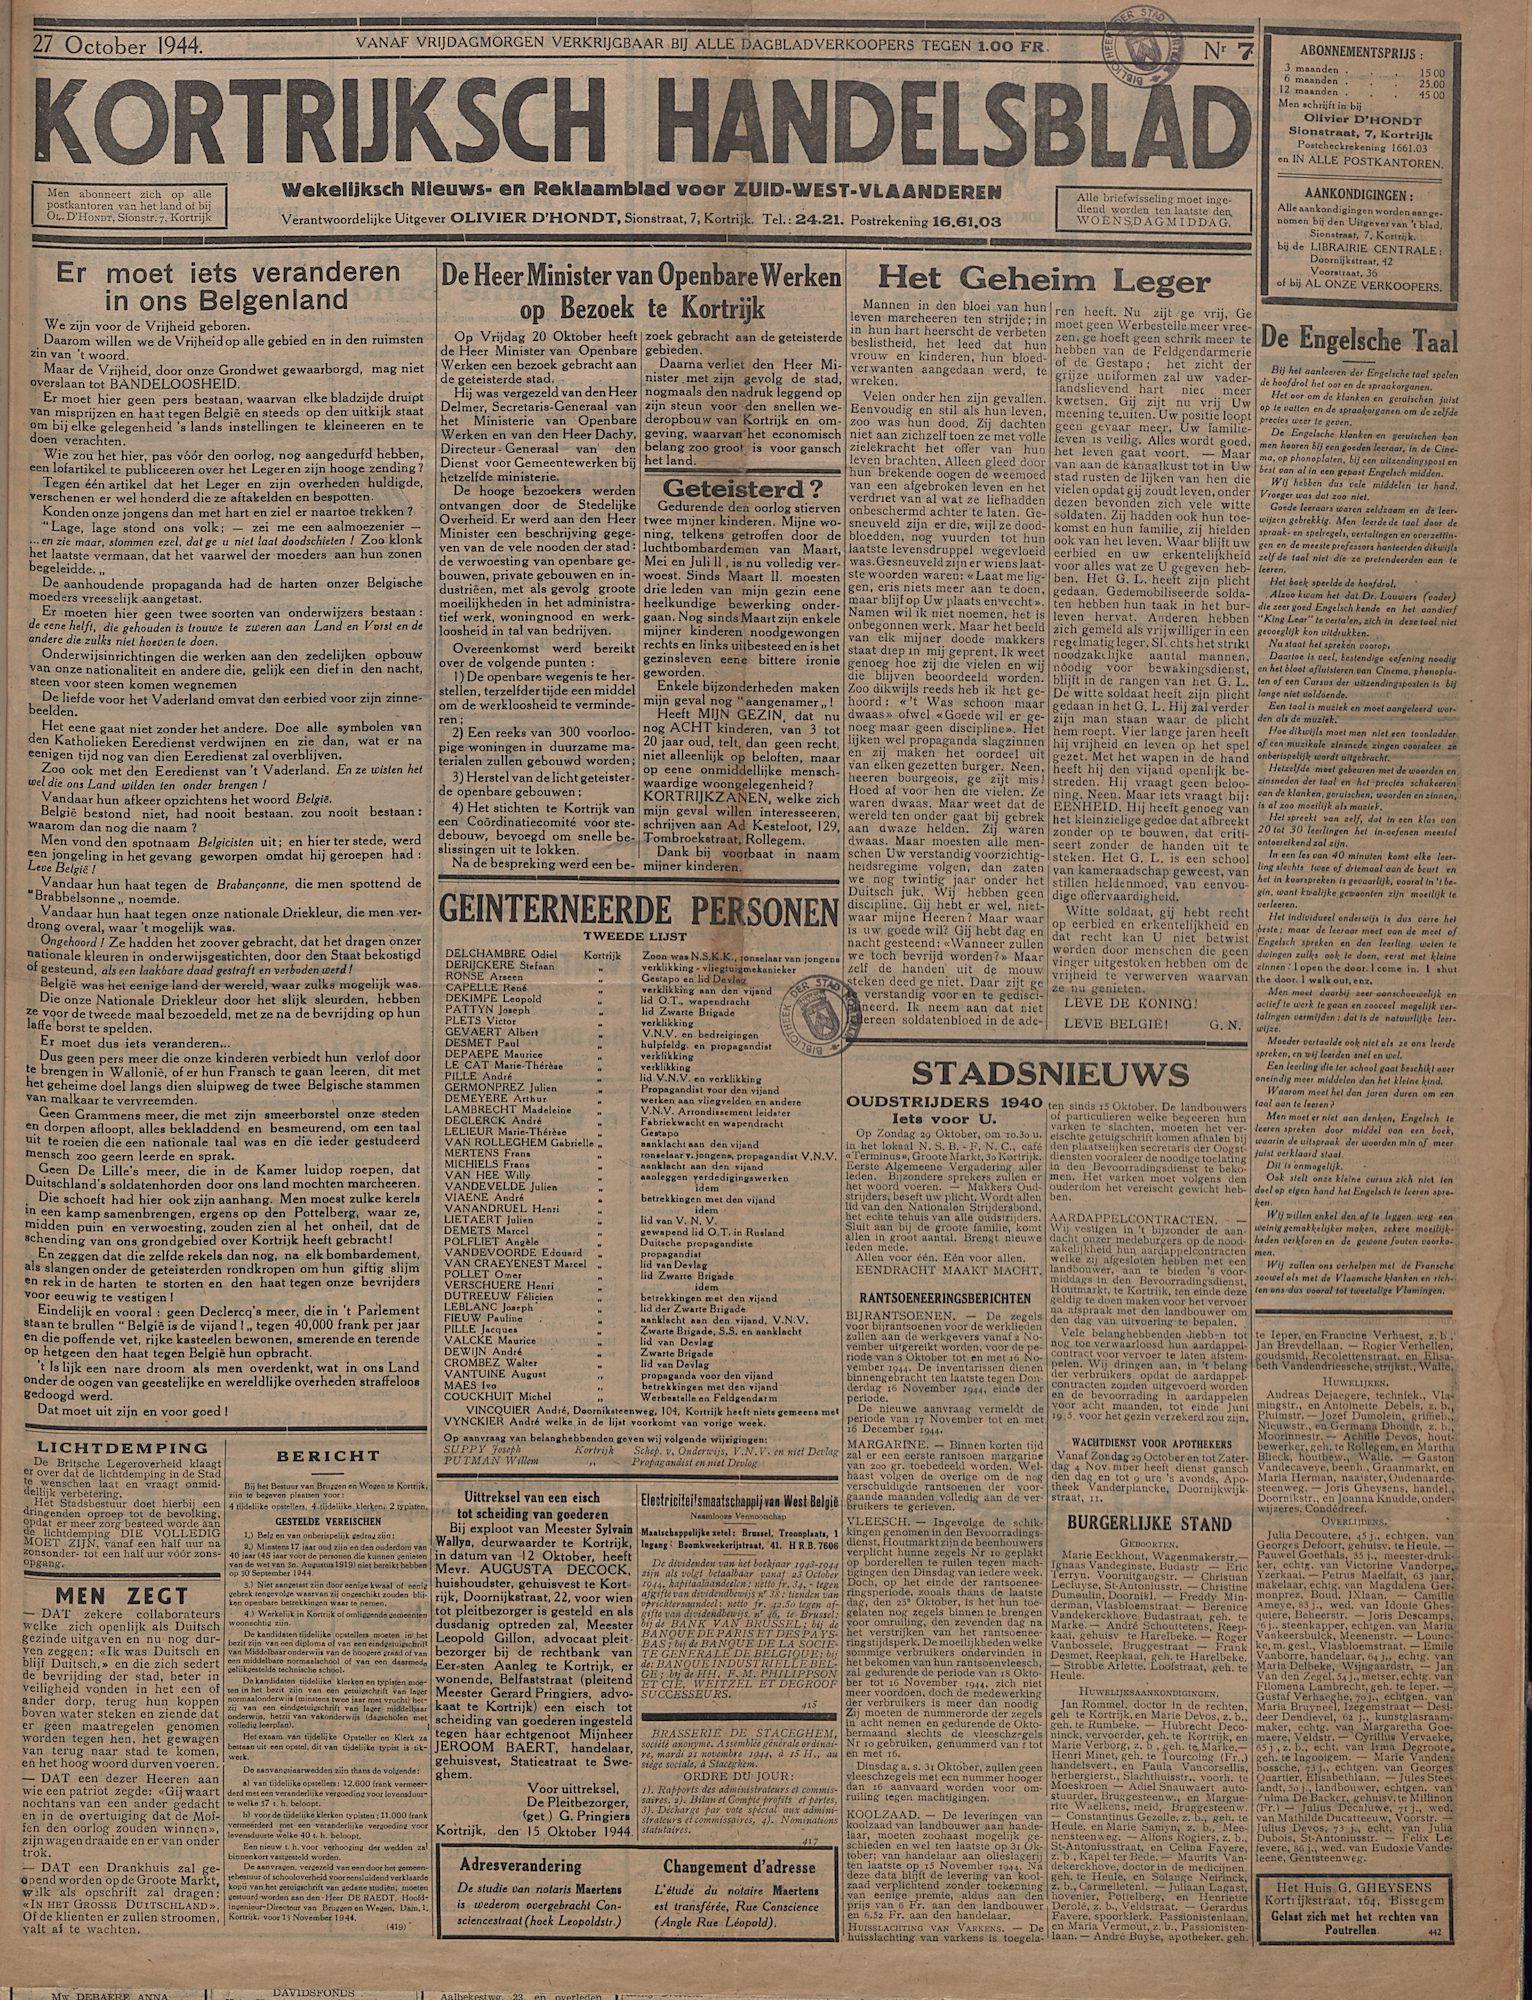 Kortrijksch Handelsblad 27 oktober 1944 Nr7 p1